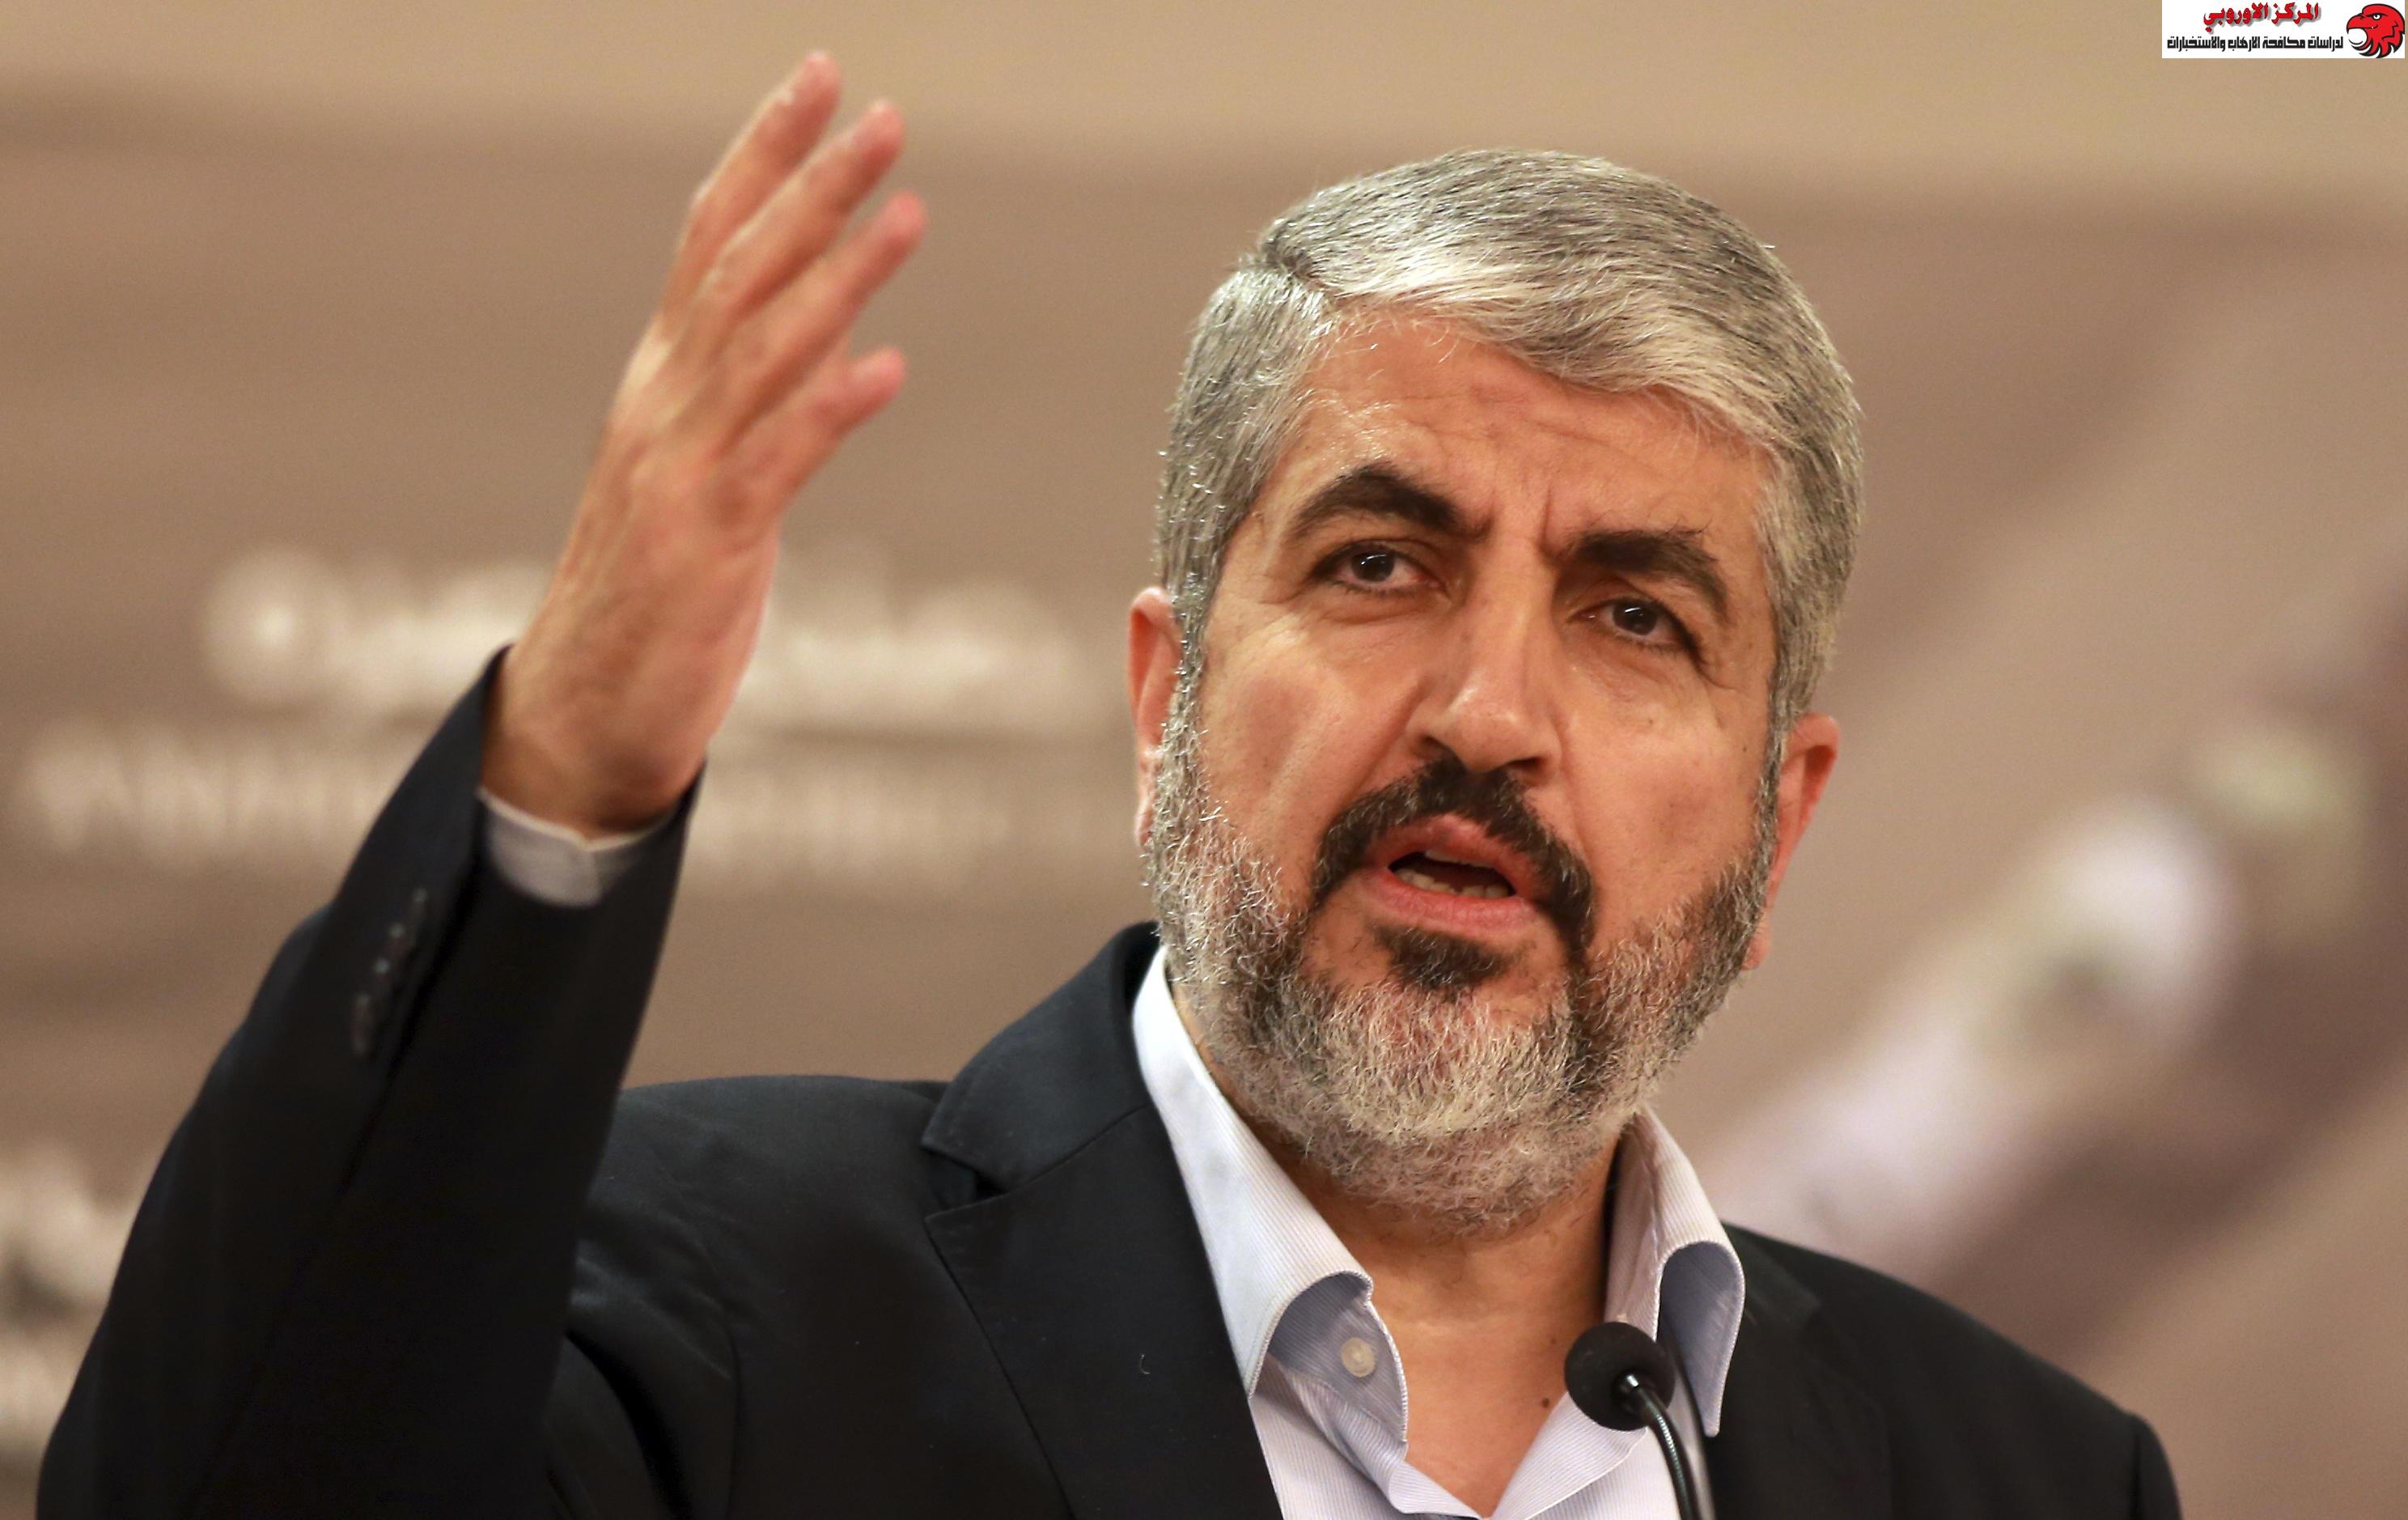 خالد مشعل والفكر الإصلاحي ،  بقلم بكر أبوبكر